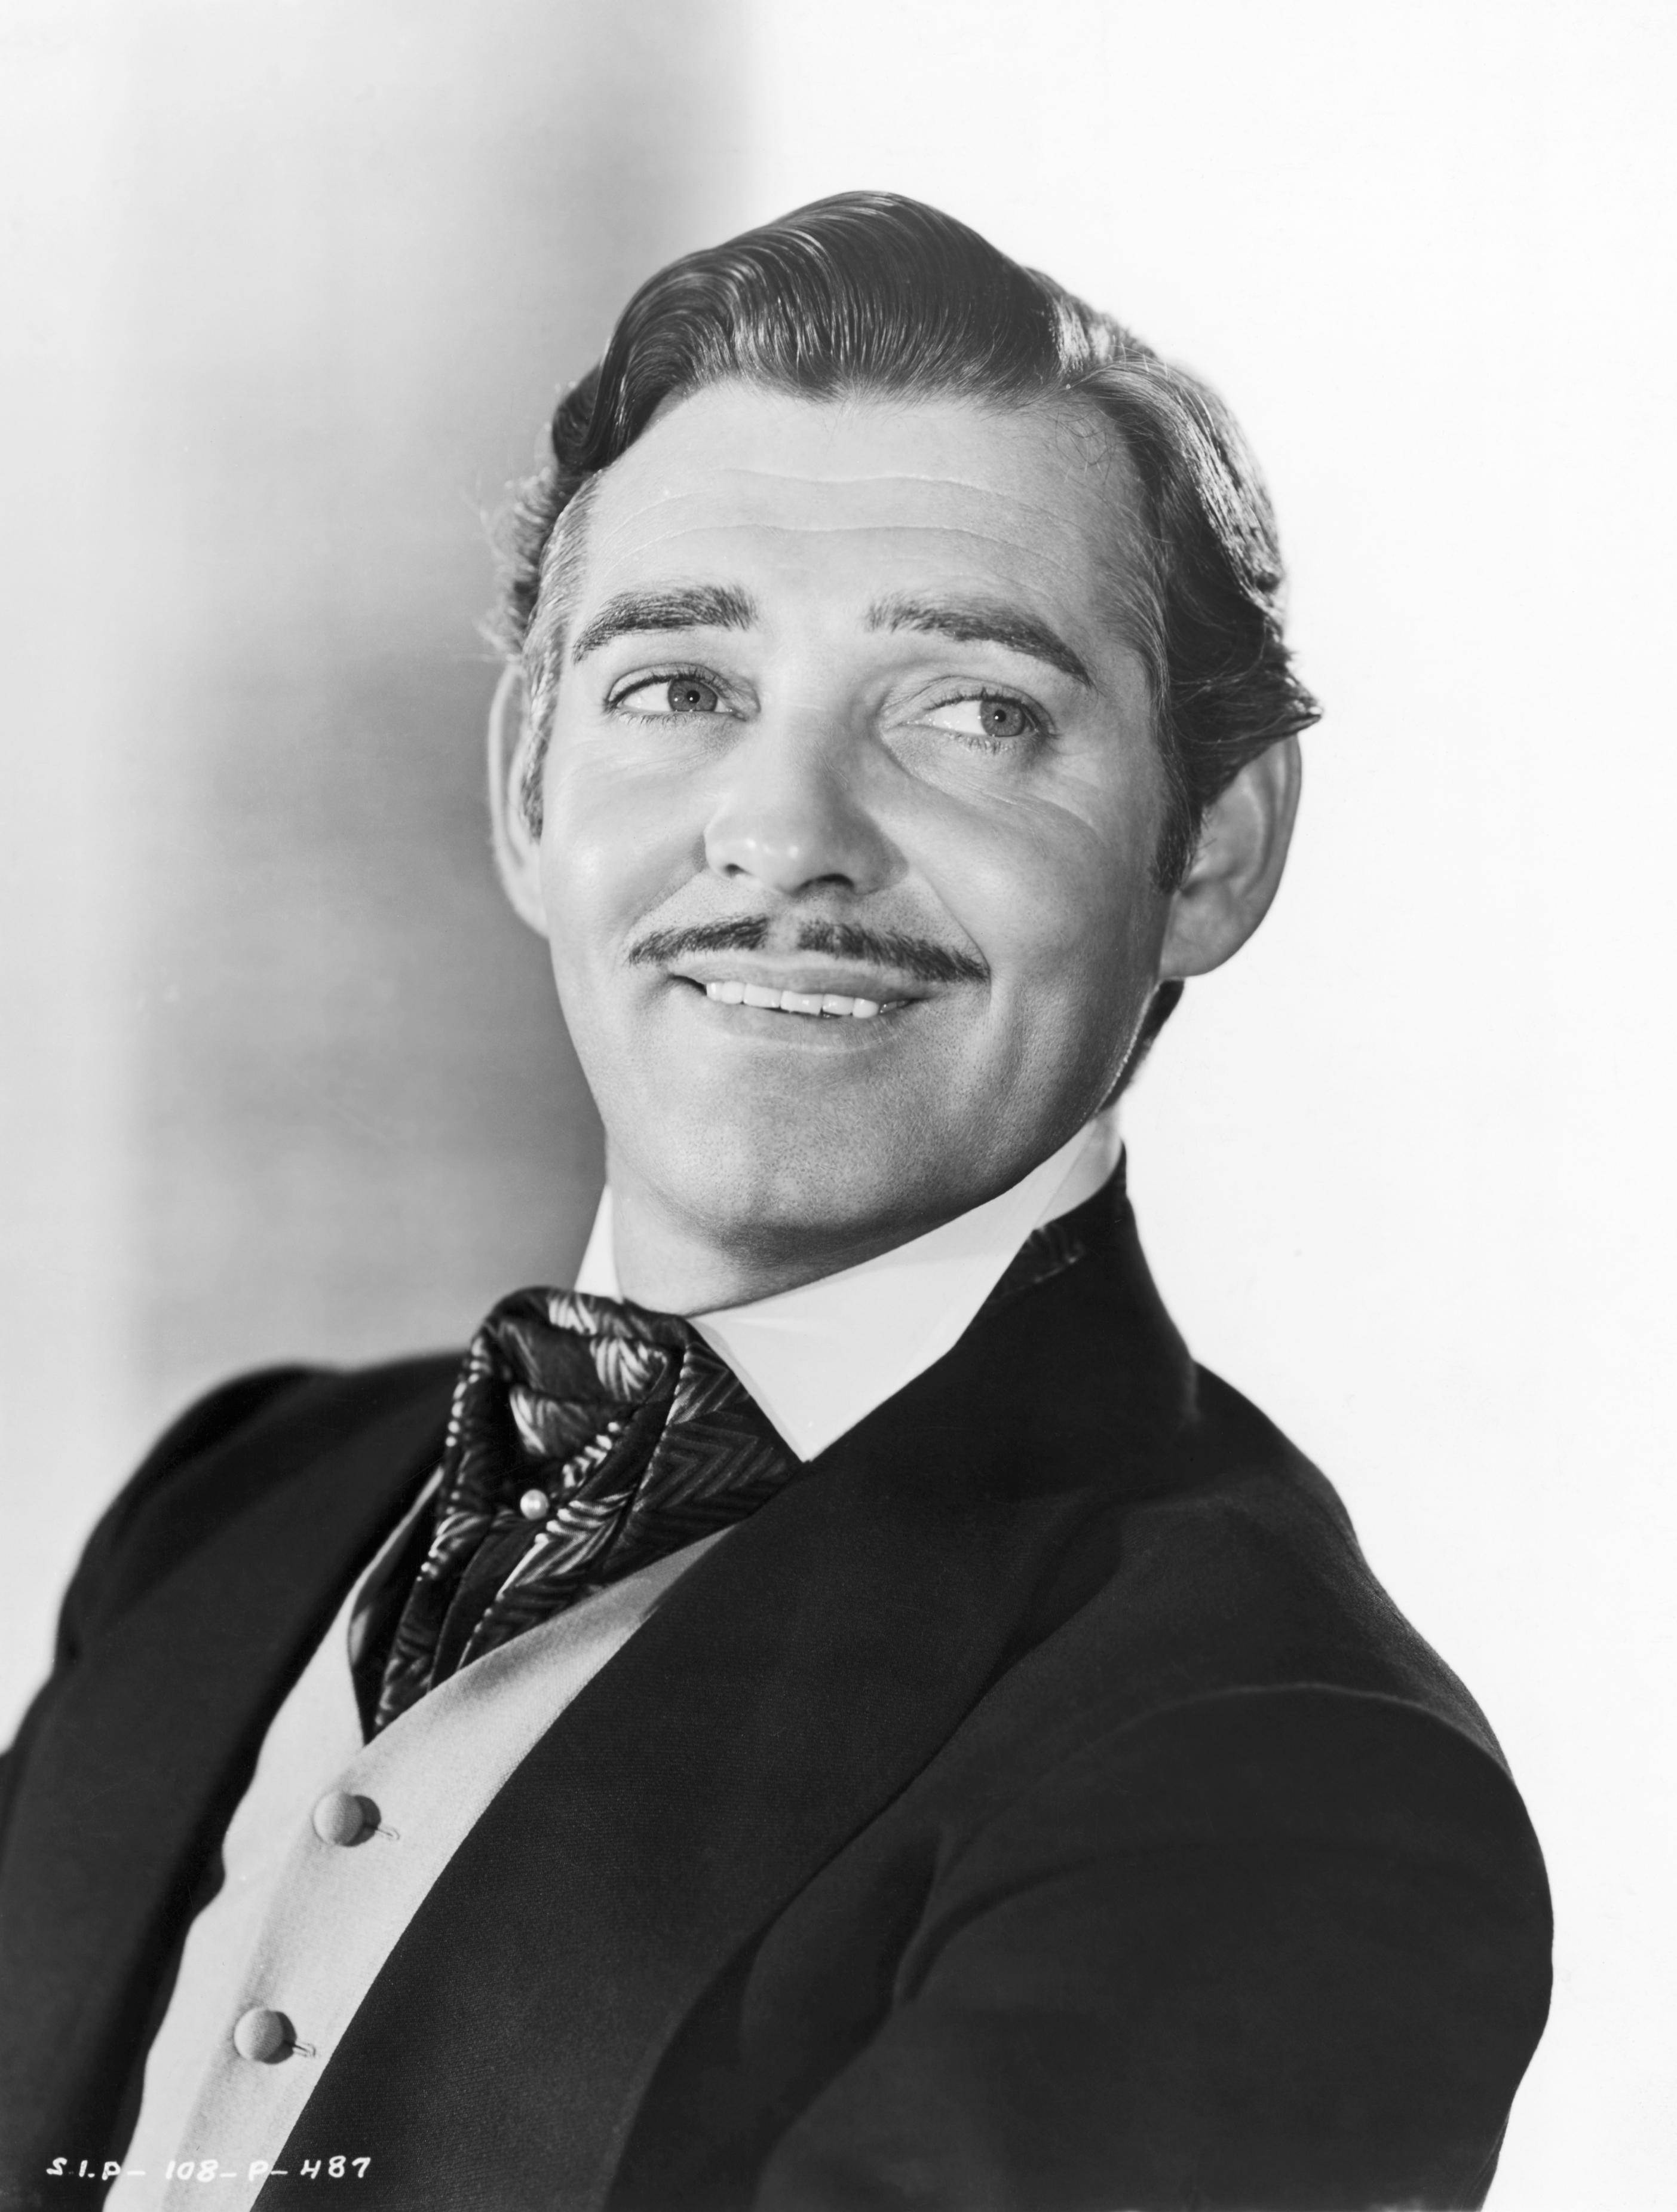 Clark Gable as Rhett Butler in 'Gone With the Wind'